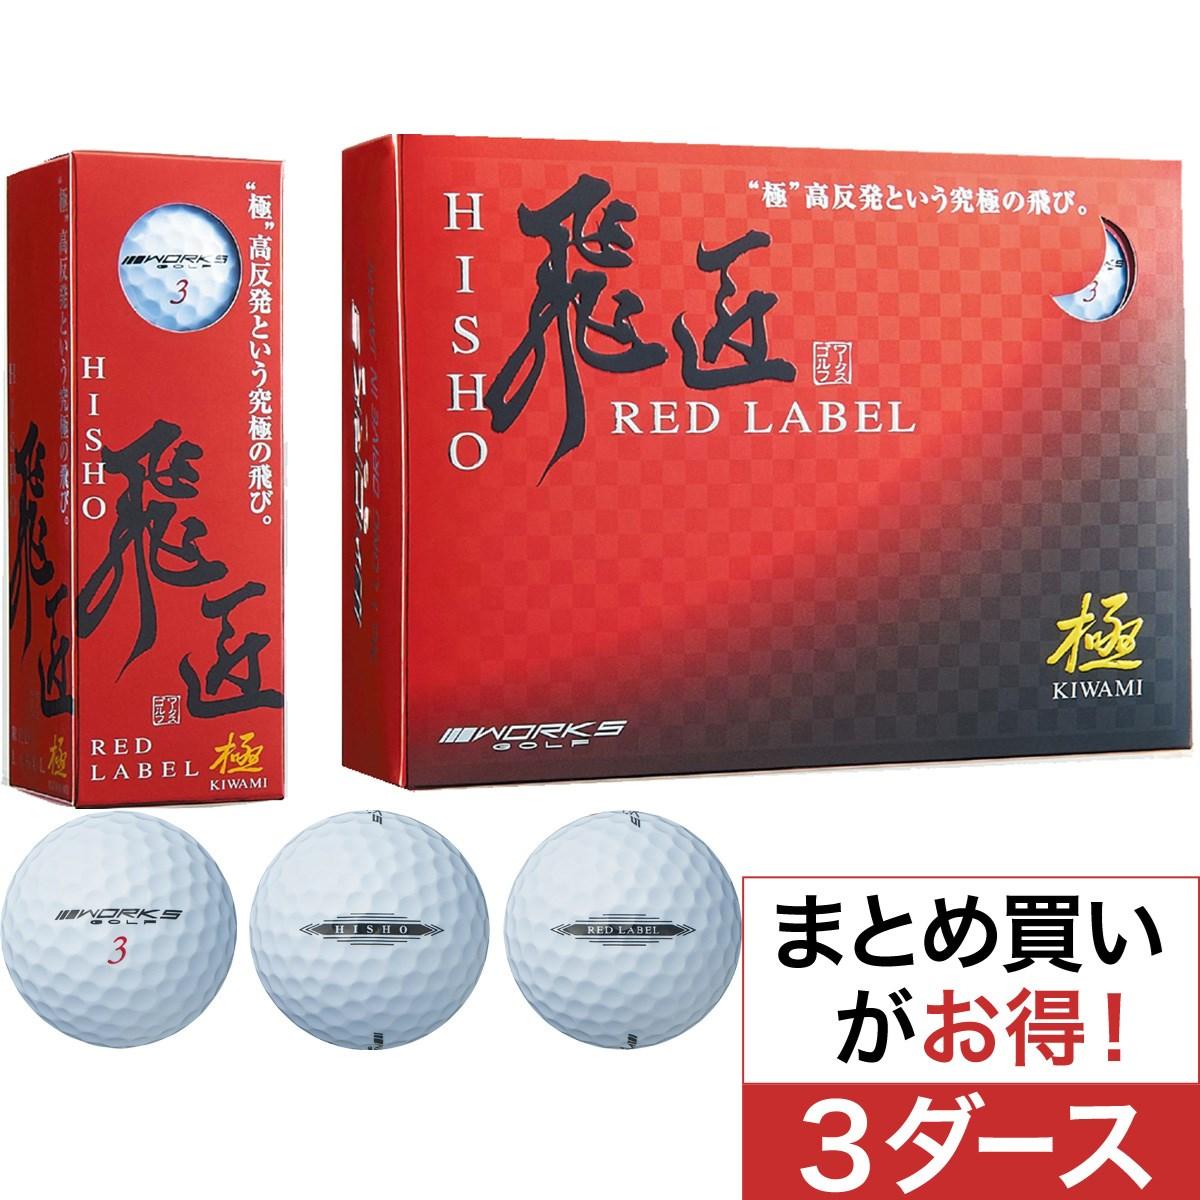 ワークス ゴルフ 飛匠レッドラベル 極 ボール 3ダースセット【非公認球】